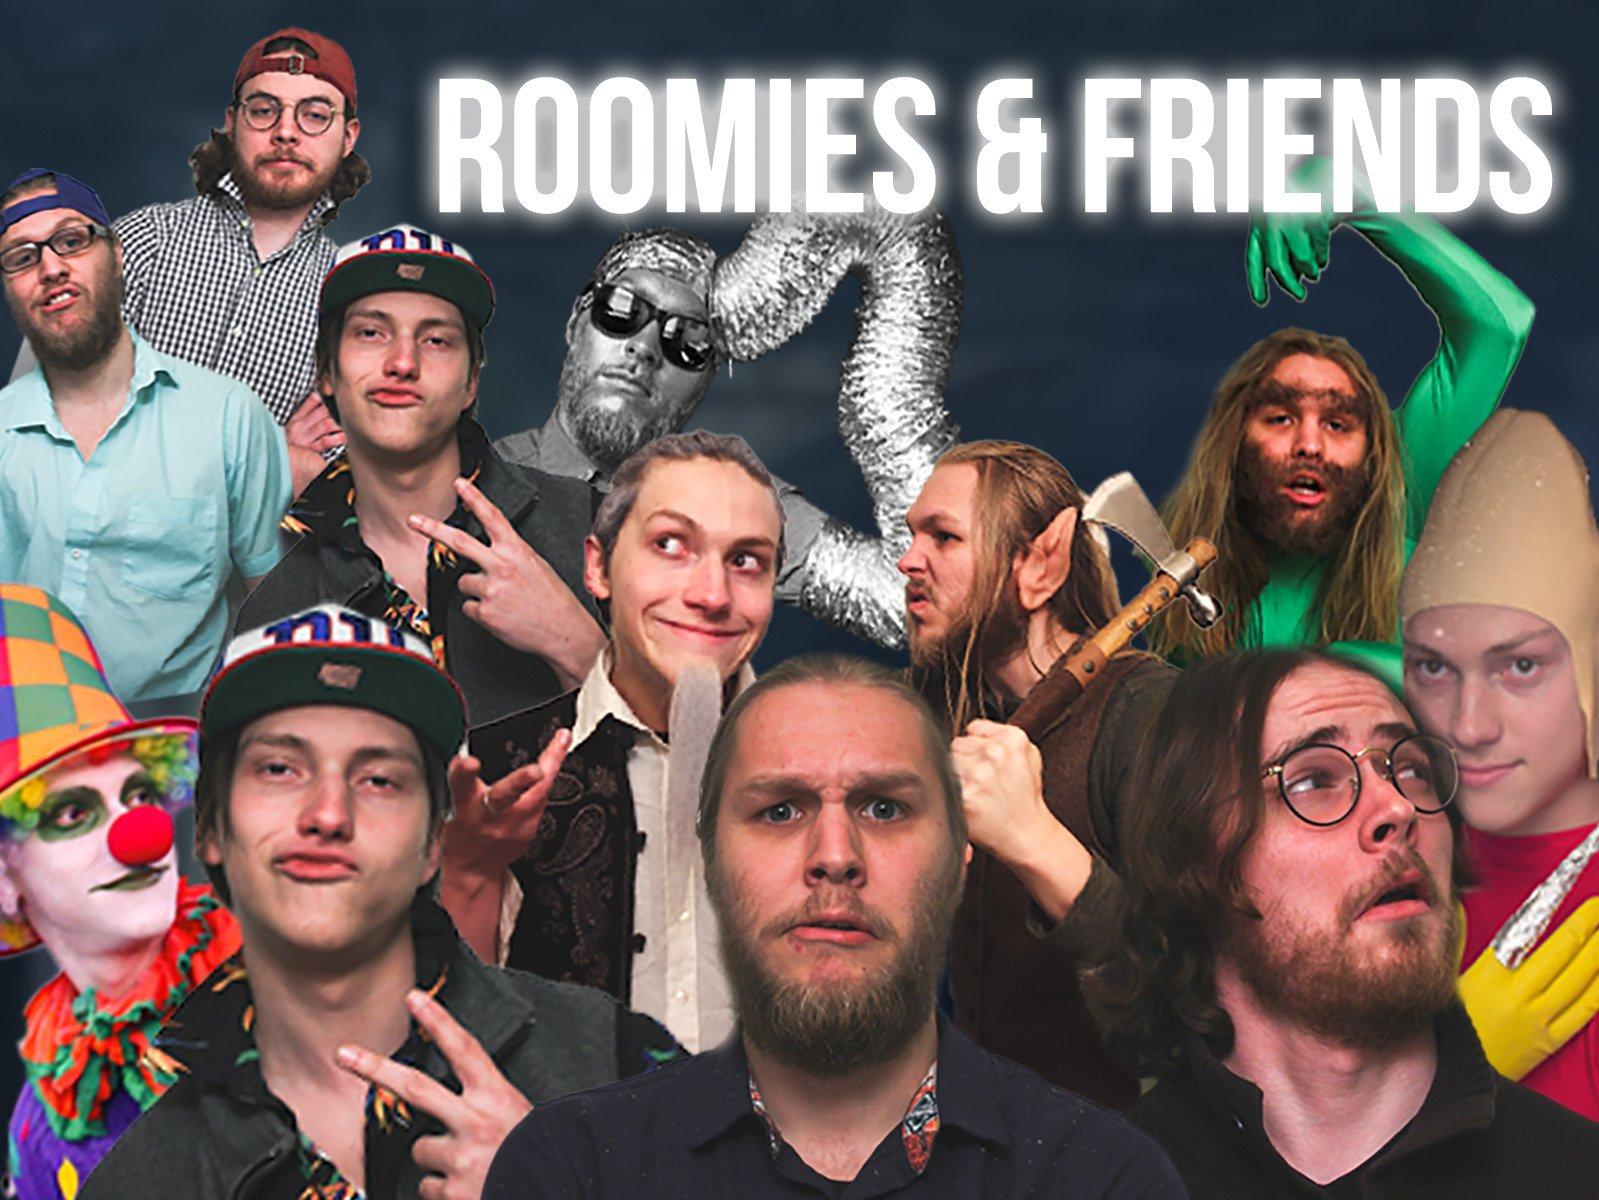 Roomies & Friends